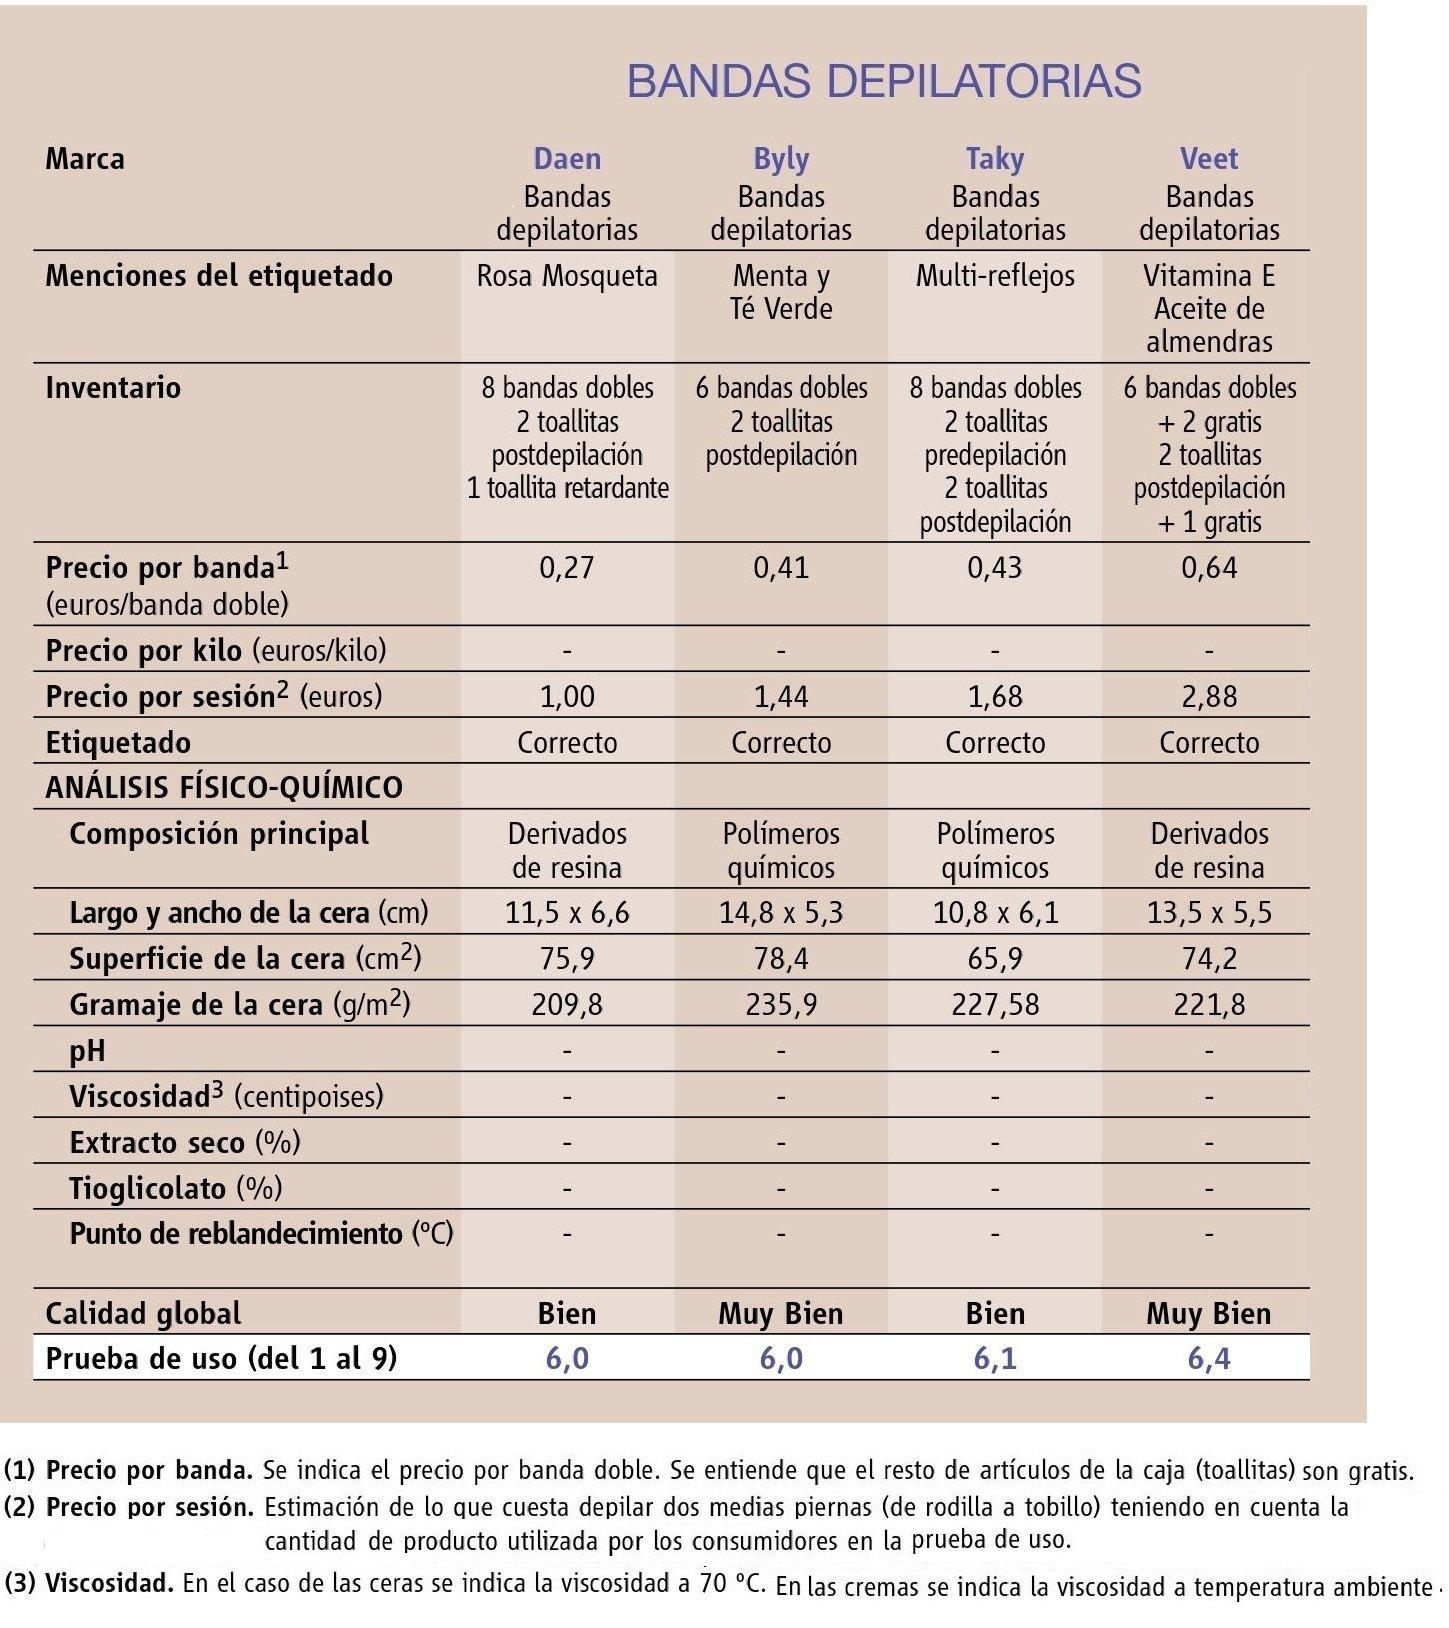 comparativa-bandas-depilatorias